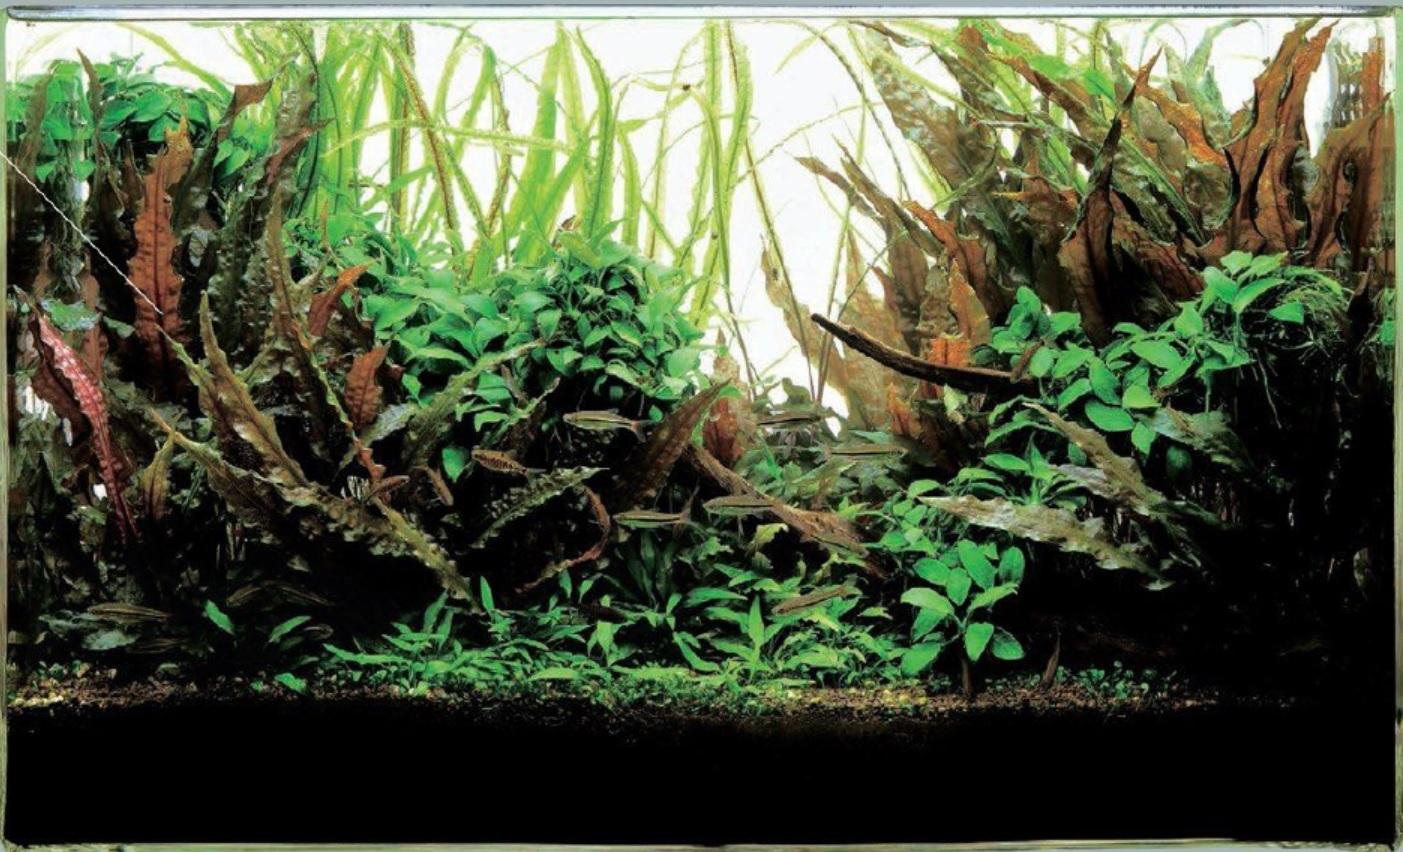 ساخت دکور آرام با استفاده از گیاهان سایه دوست